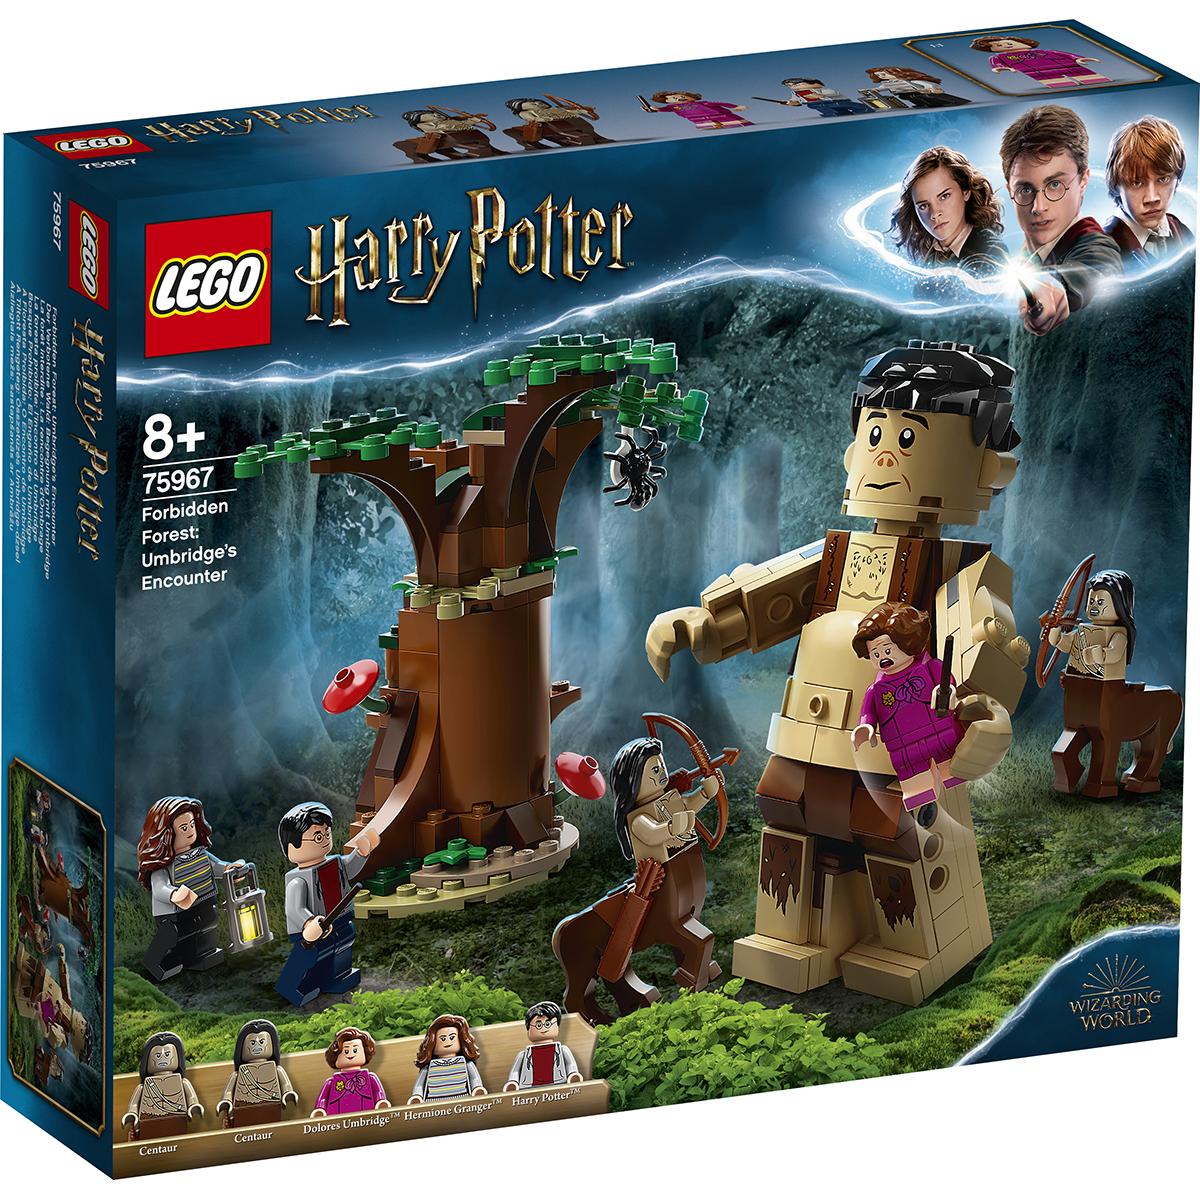 LEGO® Harry Potter™ - Padurea interzisa: intalnirea dintre Grawp si Umbridge (75967)